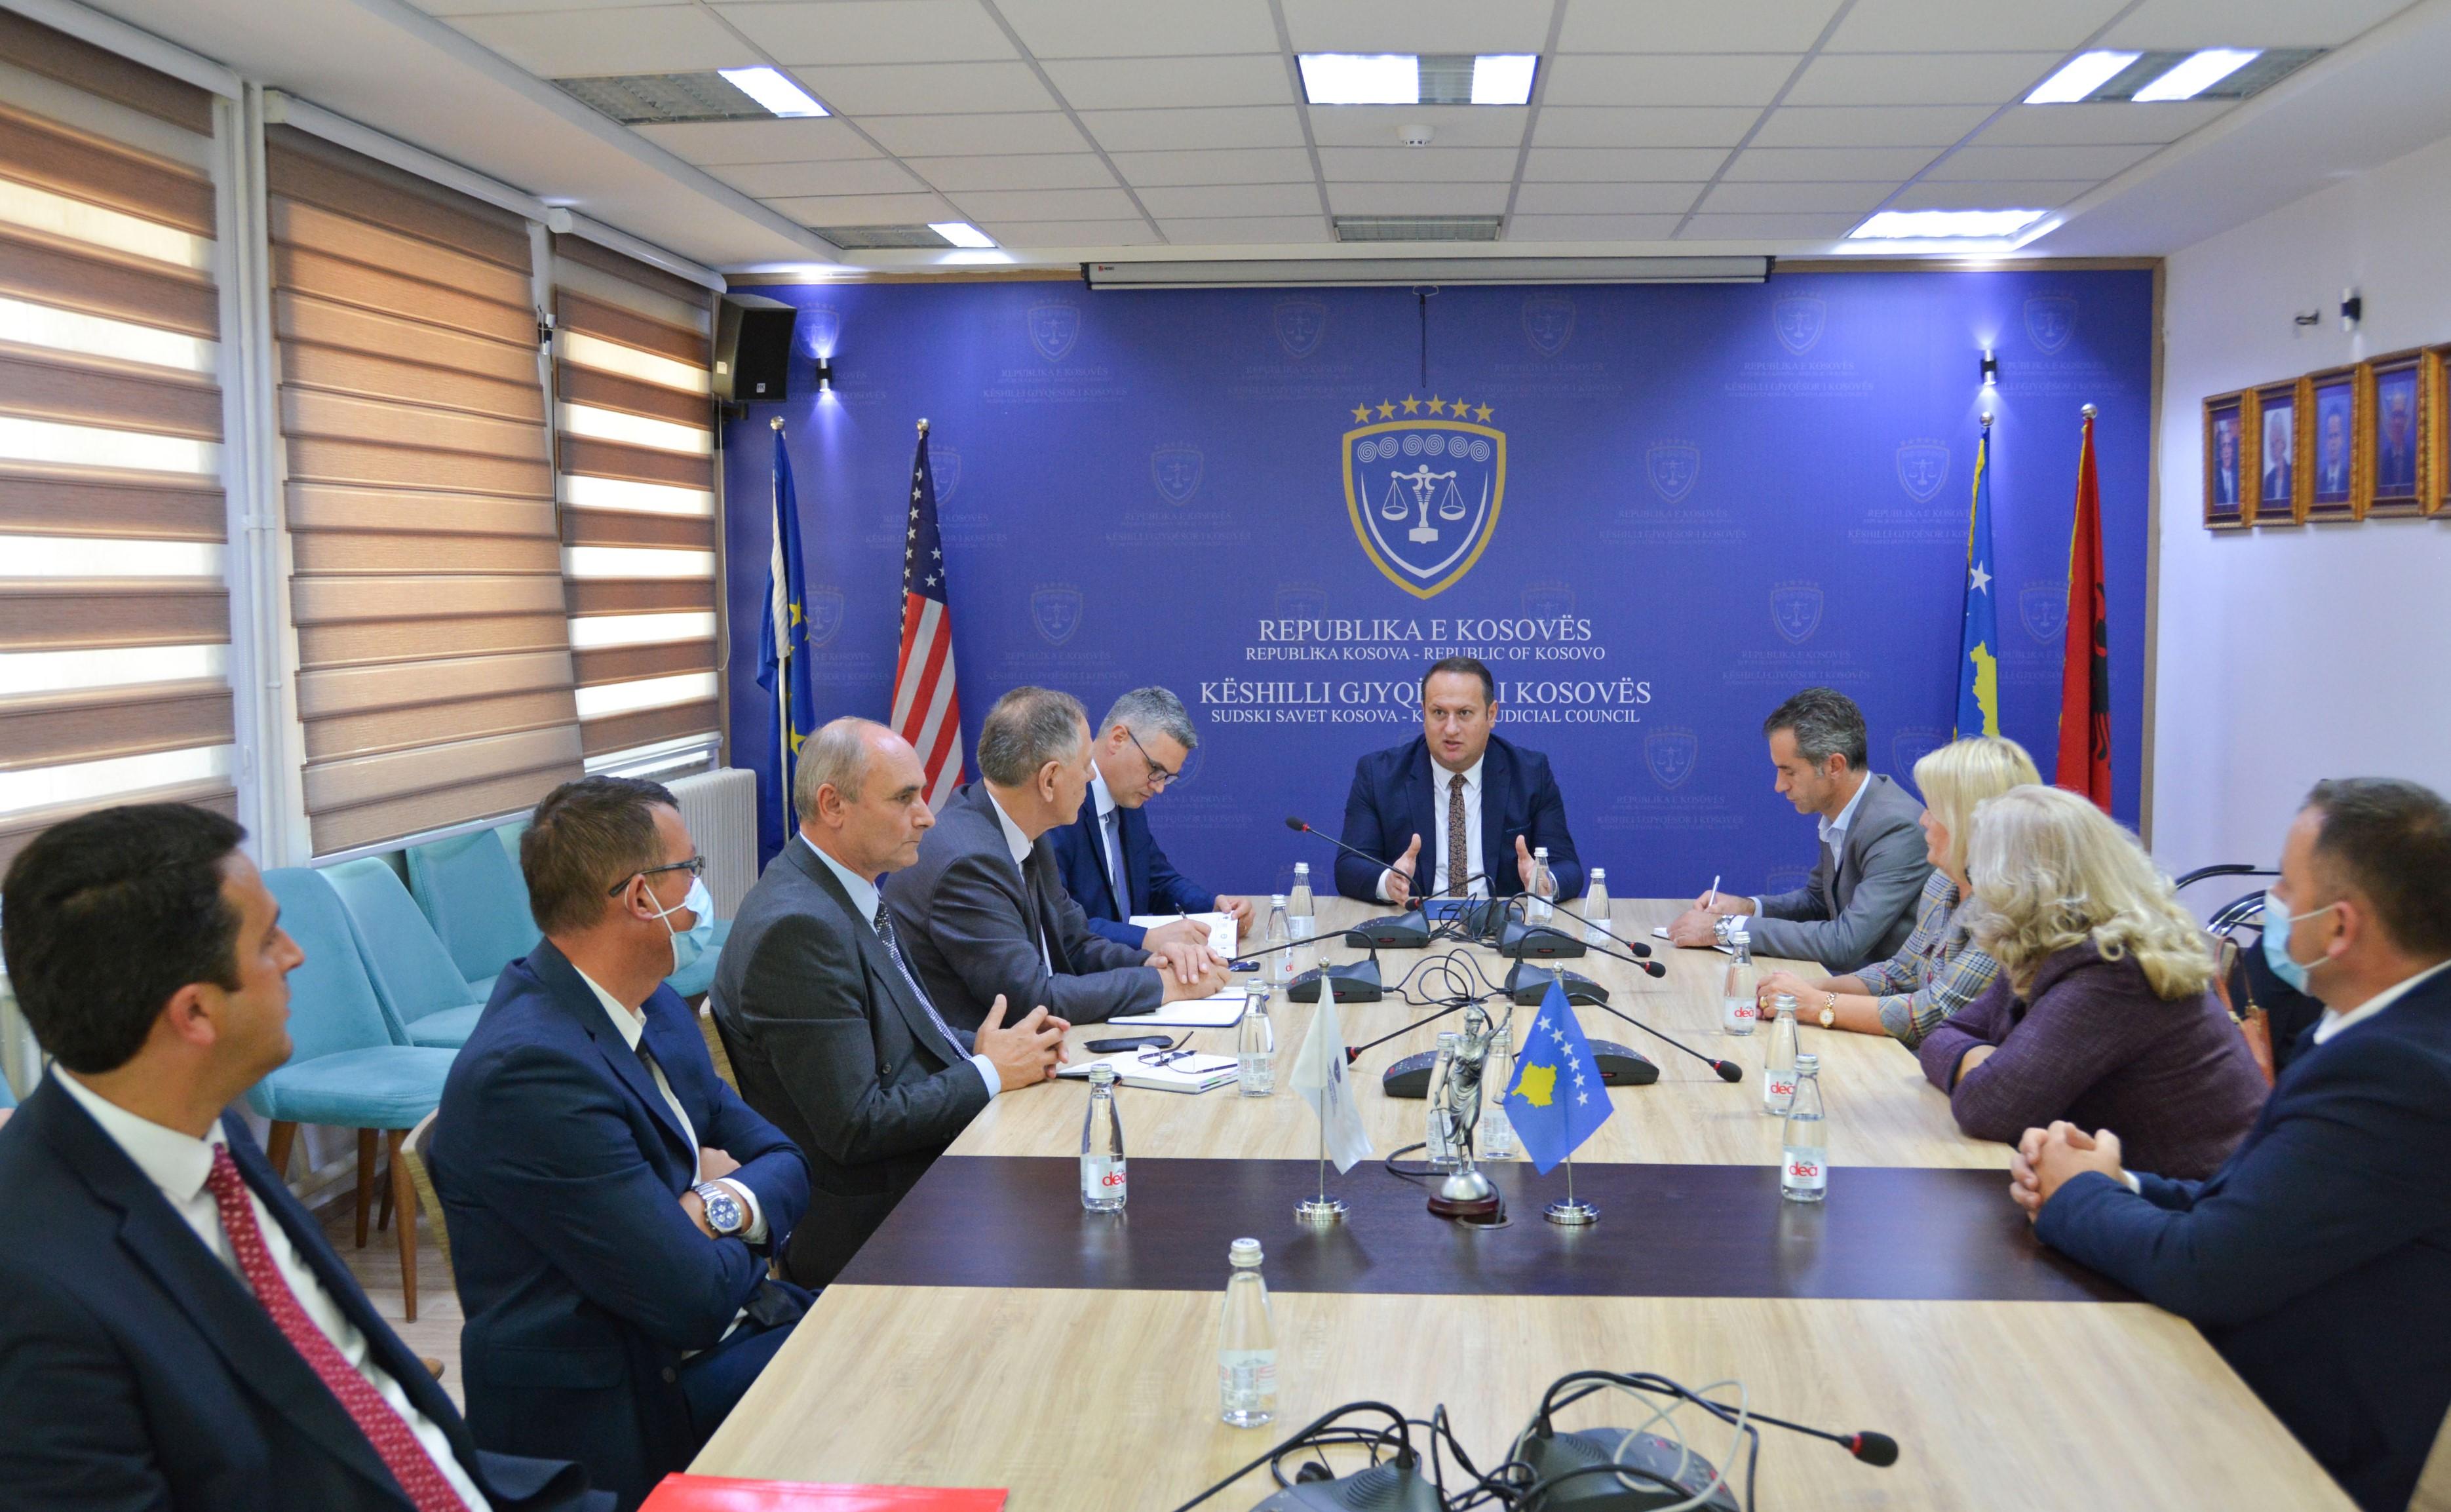 Kryesuesi i KGJK ka pritur në takim Kryetarin e Gjykatës Themelore në Ferizaj dhe gjyqtarët mbikëqyrës të gjykatave themelore të posa zgjedhur